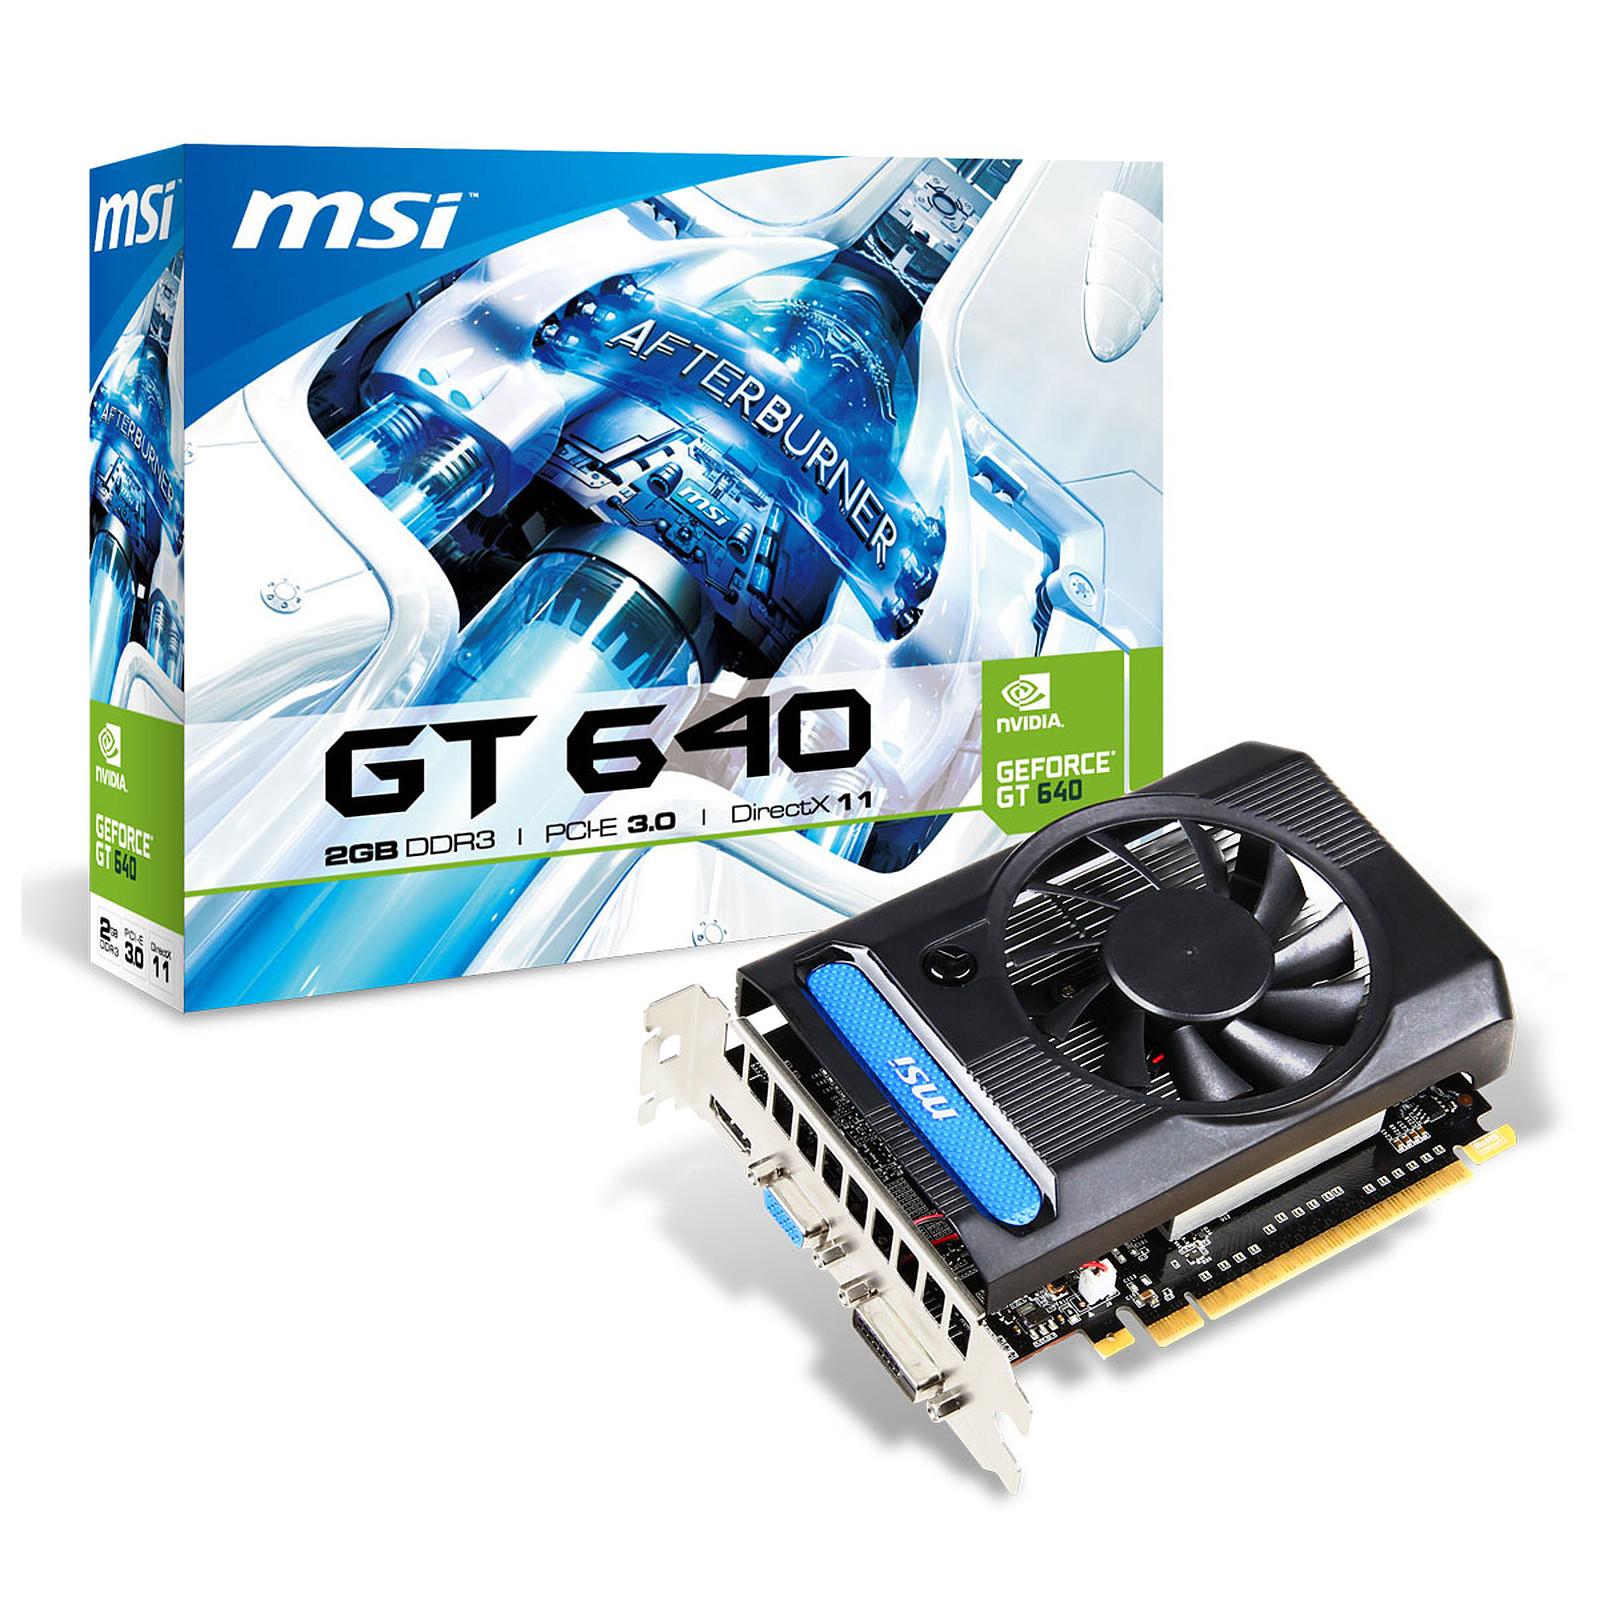 MSI GeForce GT 640 N640-2GD3 2 GB